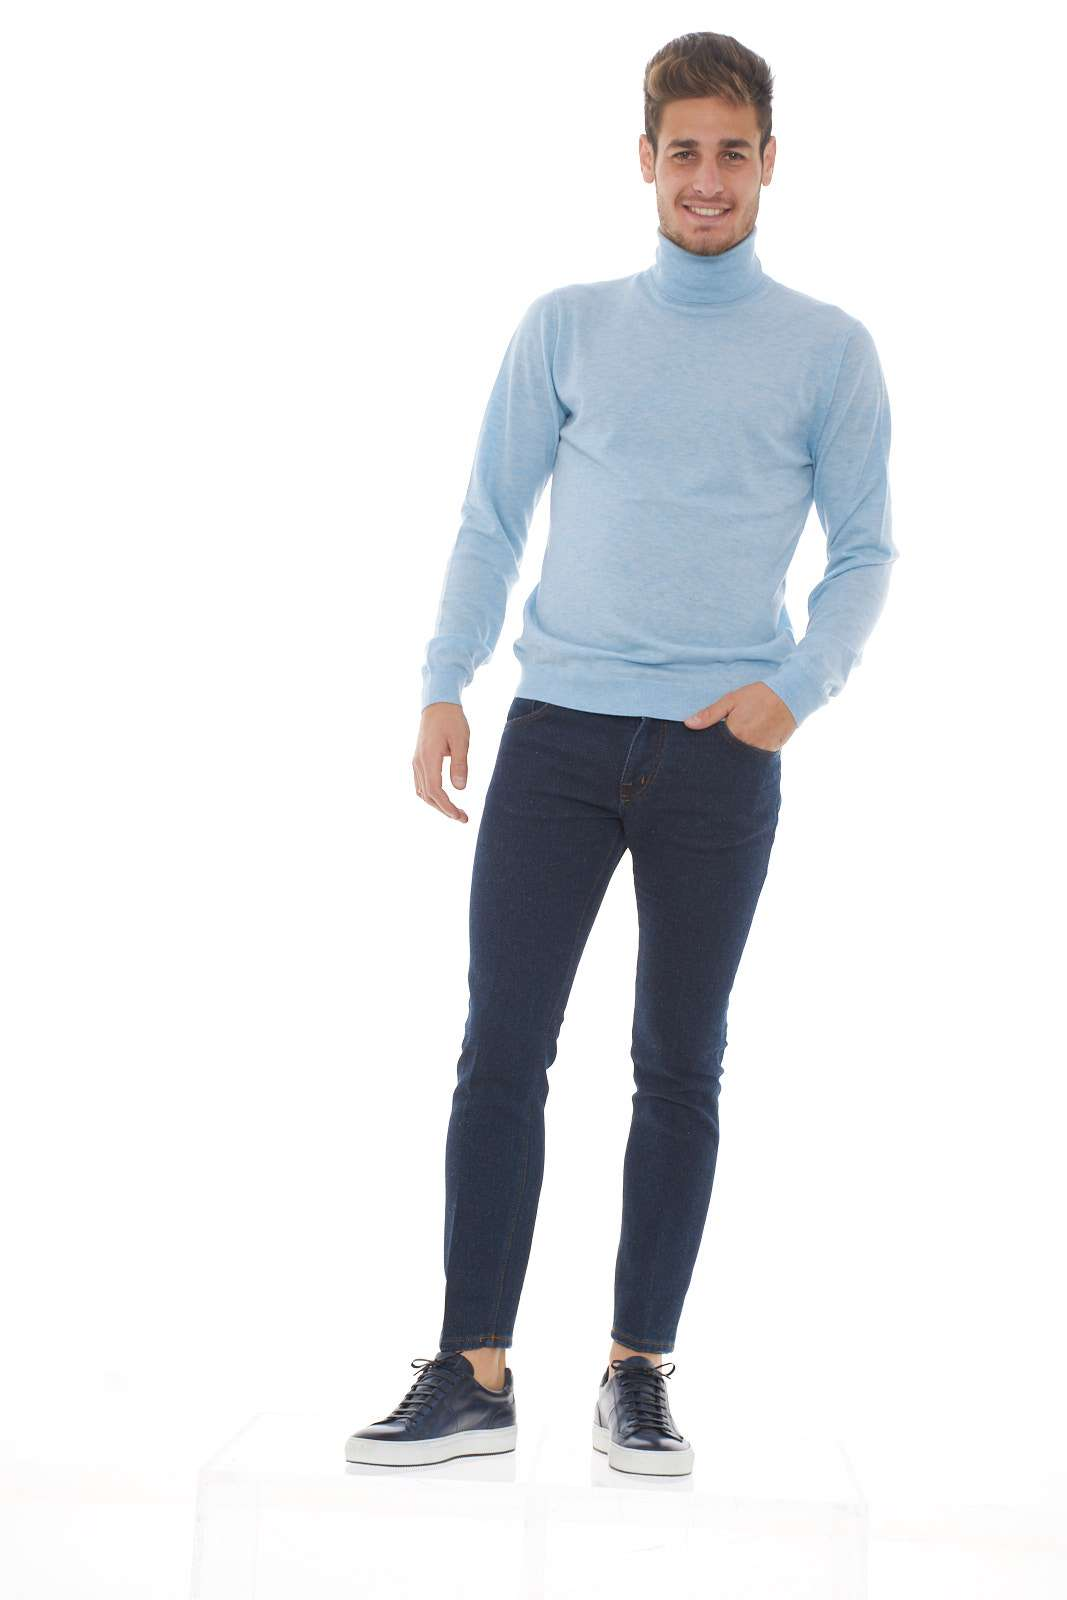 https://www.parmax.com/media/tmp/catalog/product/a/i/ai-outlet_parmax-pantaloni-uomo-entre-amis-a19gaga1208l457-d.jpg